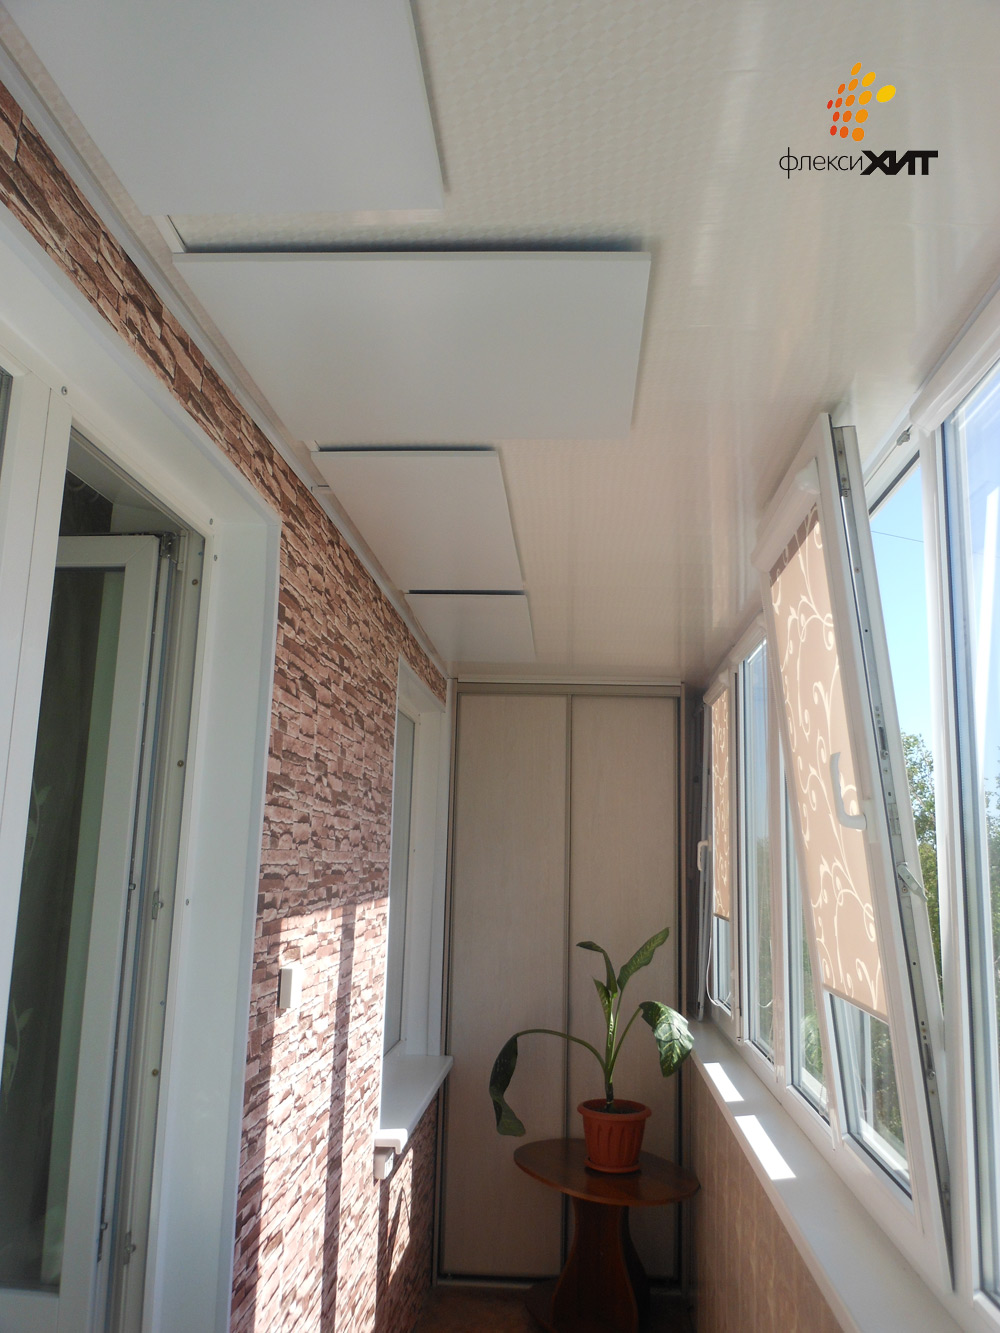 Инфракрасные потолочные обогреватели на лоджии.